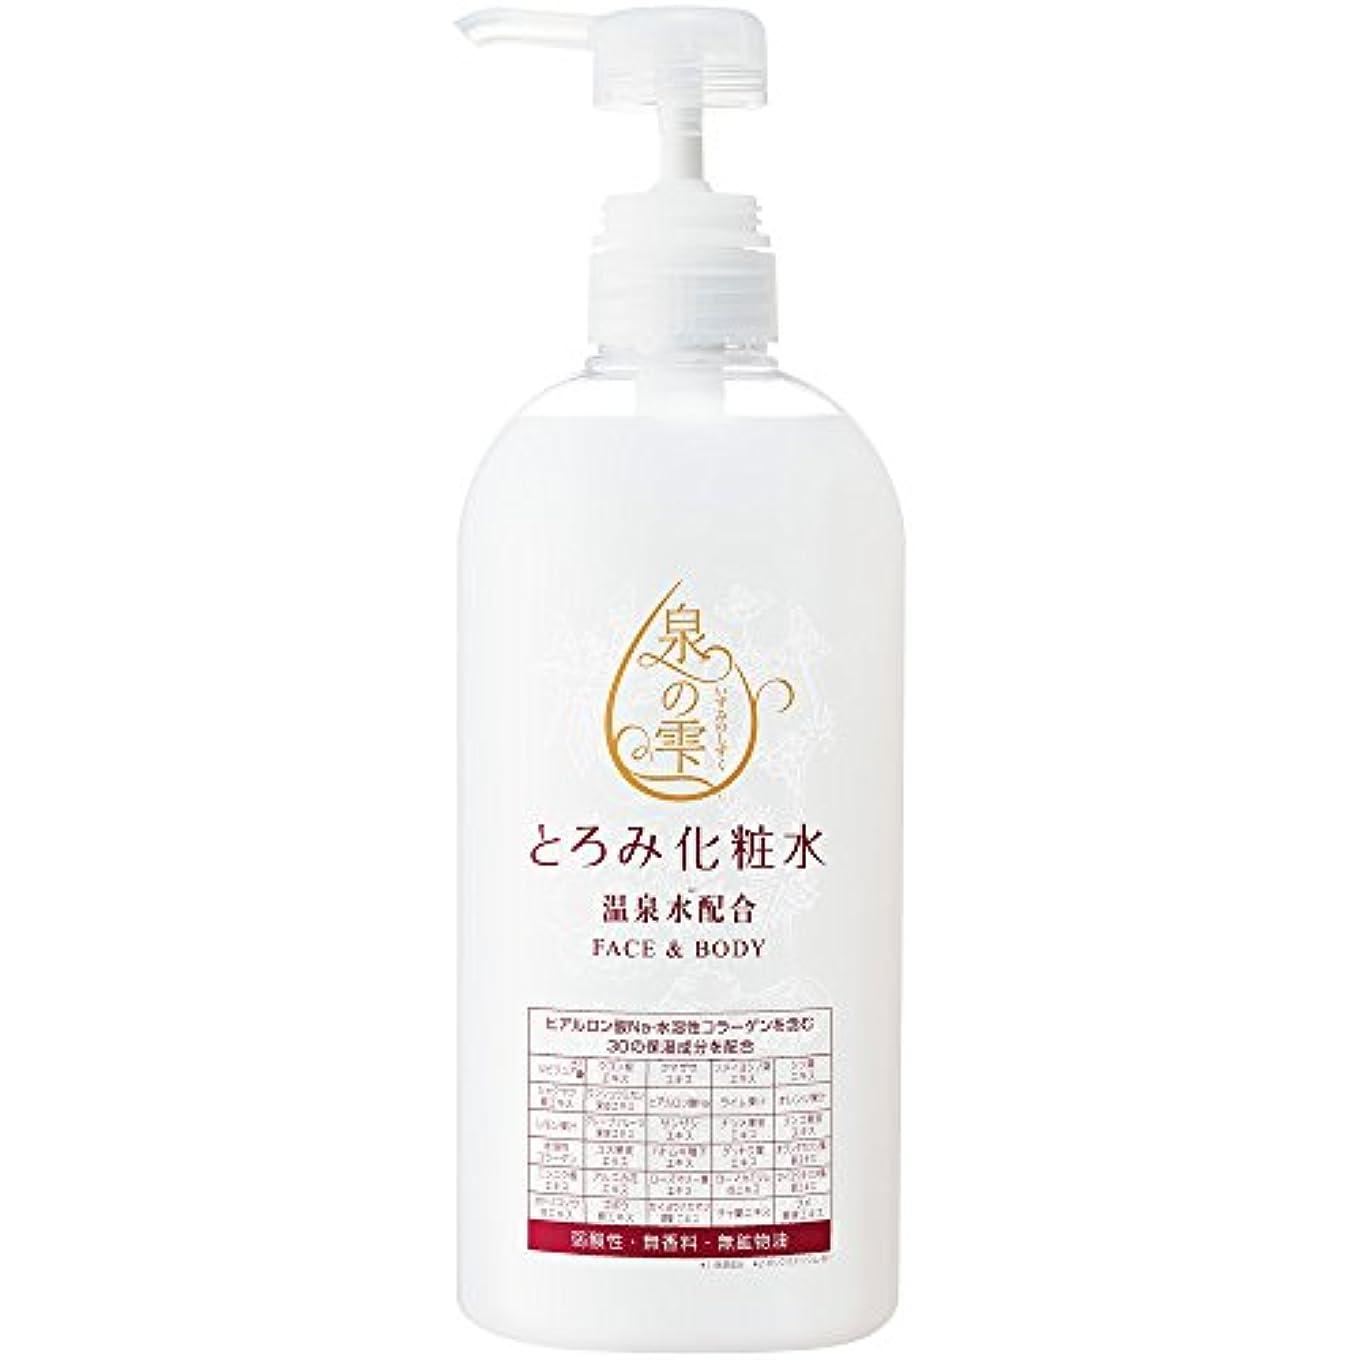 認可圧縮するうんざり泉の雫(いずみのしずく)とろみ化粧水 700ml